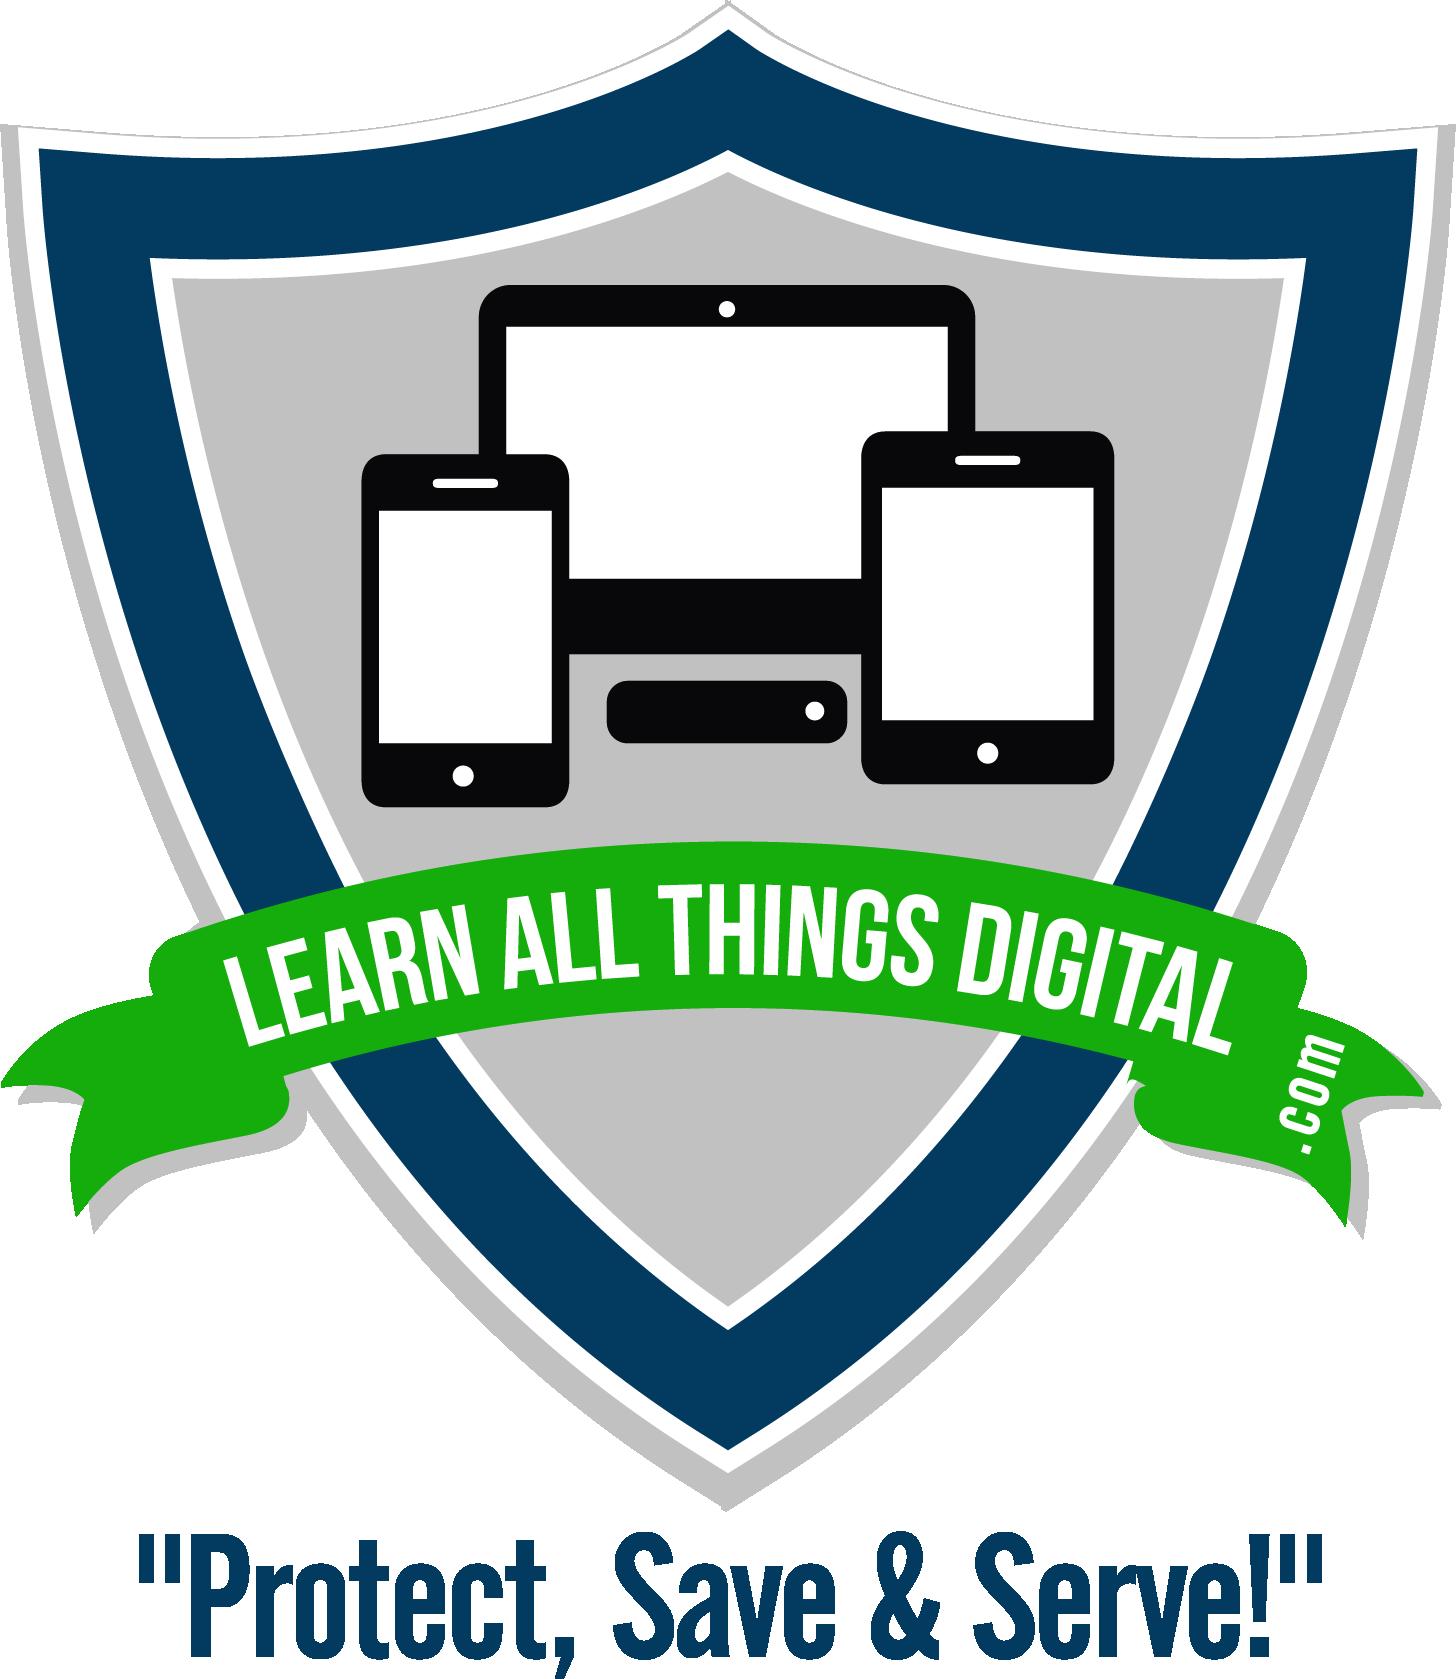 Learn All Things Digital